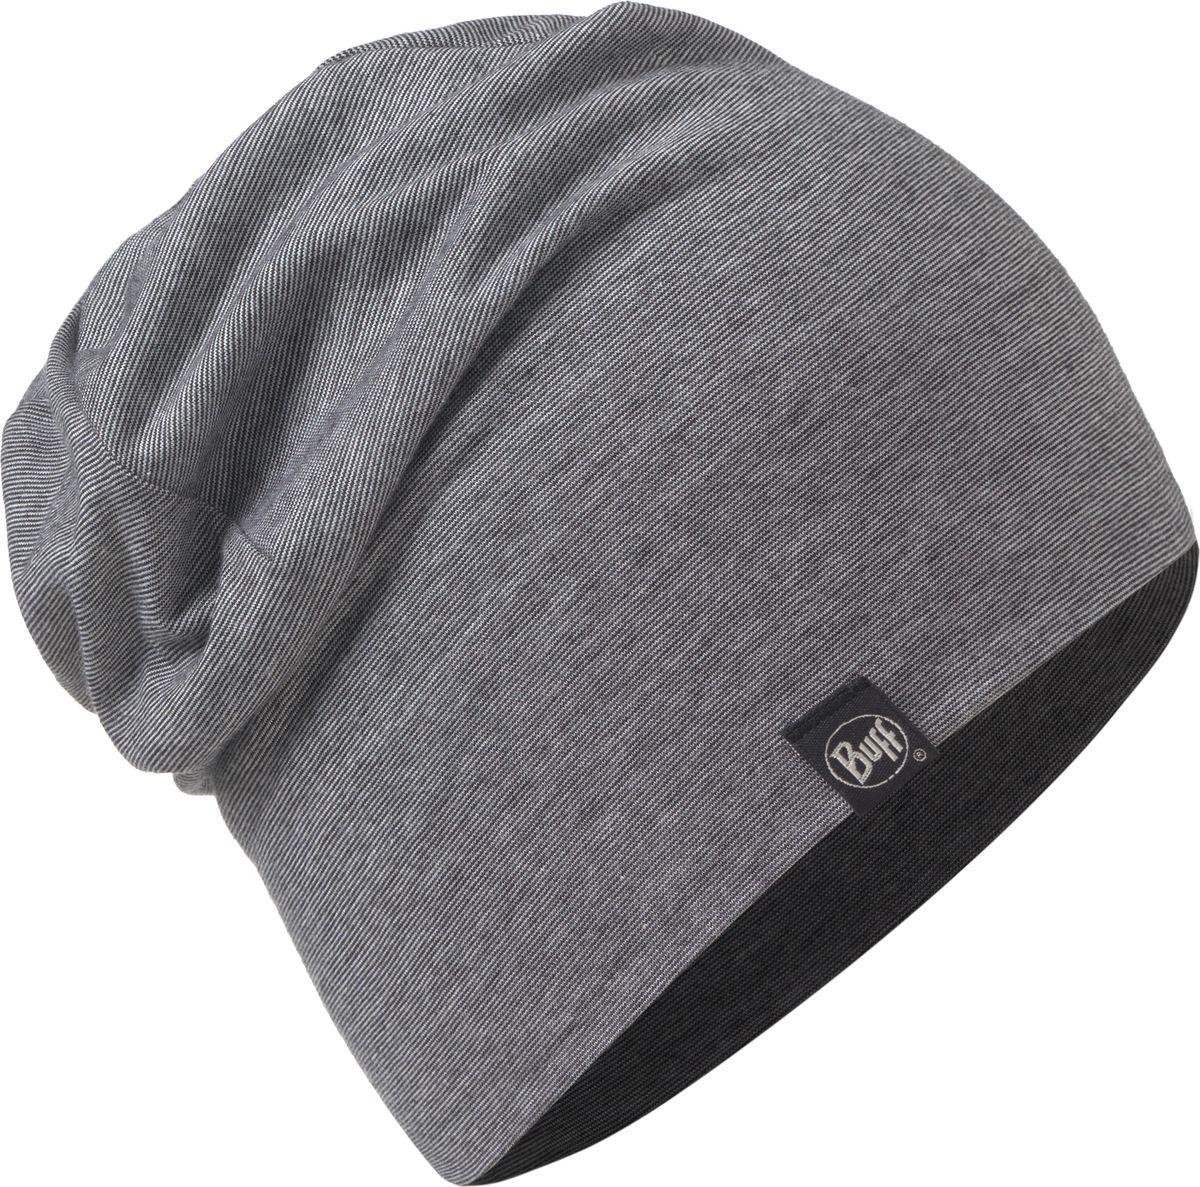 Шапка Buff Cotton Hat Grey Stripes, цвет: серый. 117113.937.10.00. Размер 58117113.937.10.00Шапка-бини от Buff выполнена из мягкого хлопкового трикотажа. Такая шапка обеспечит вам тепло и комфорт и прекрасно дополнит образ.